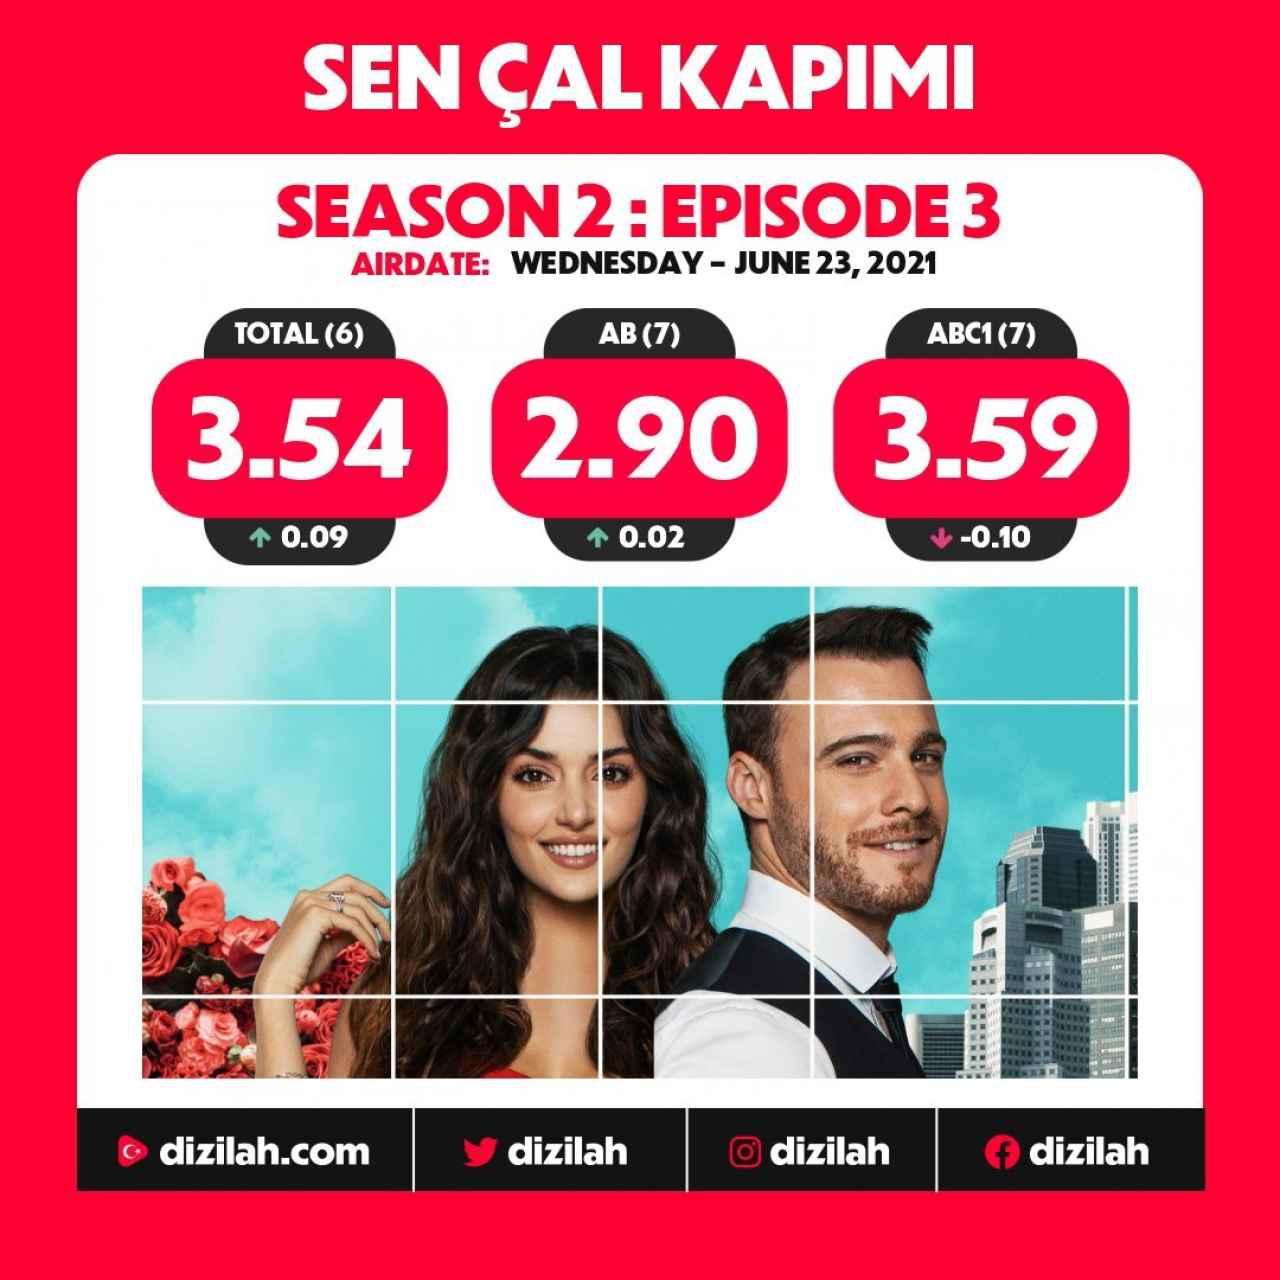 Audiencia del episodio 42 de 'Sen Cal Kapimi' en Turquía.